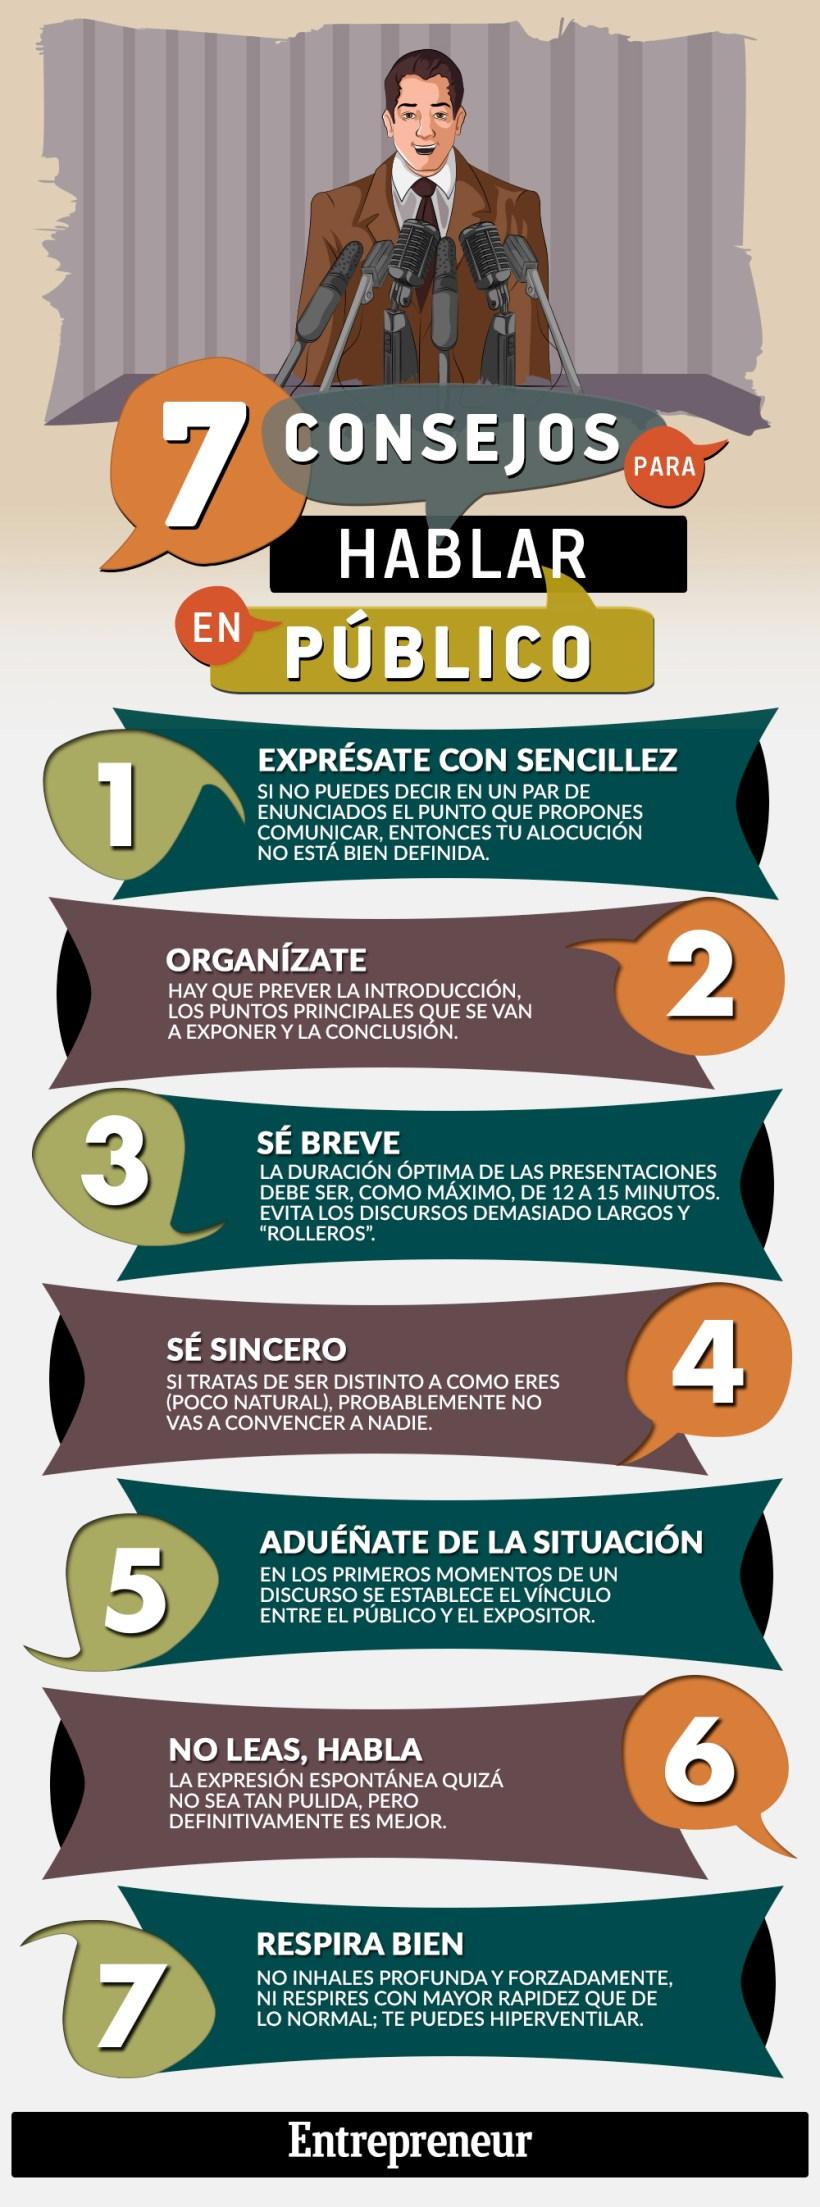 Hablar en Público #Infografía